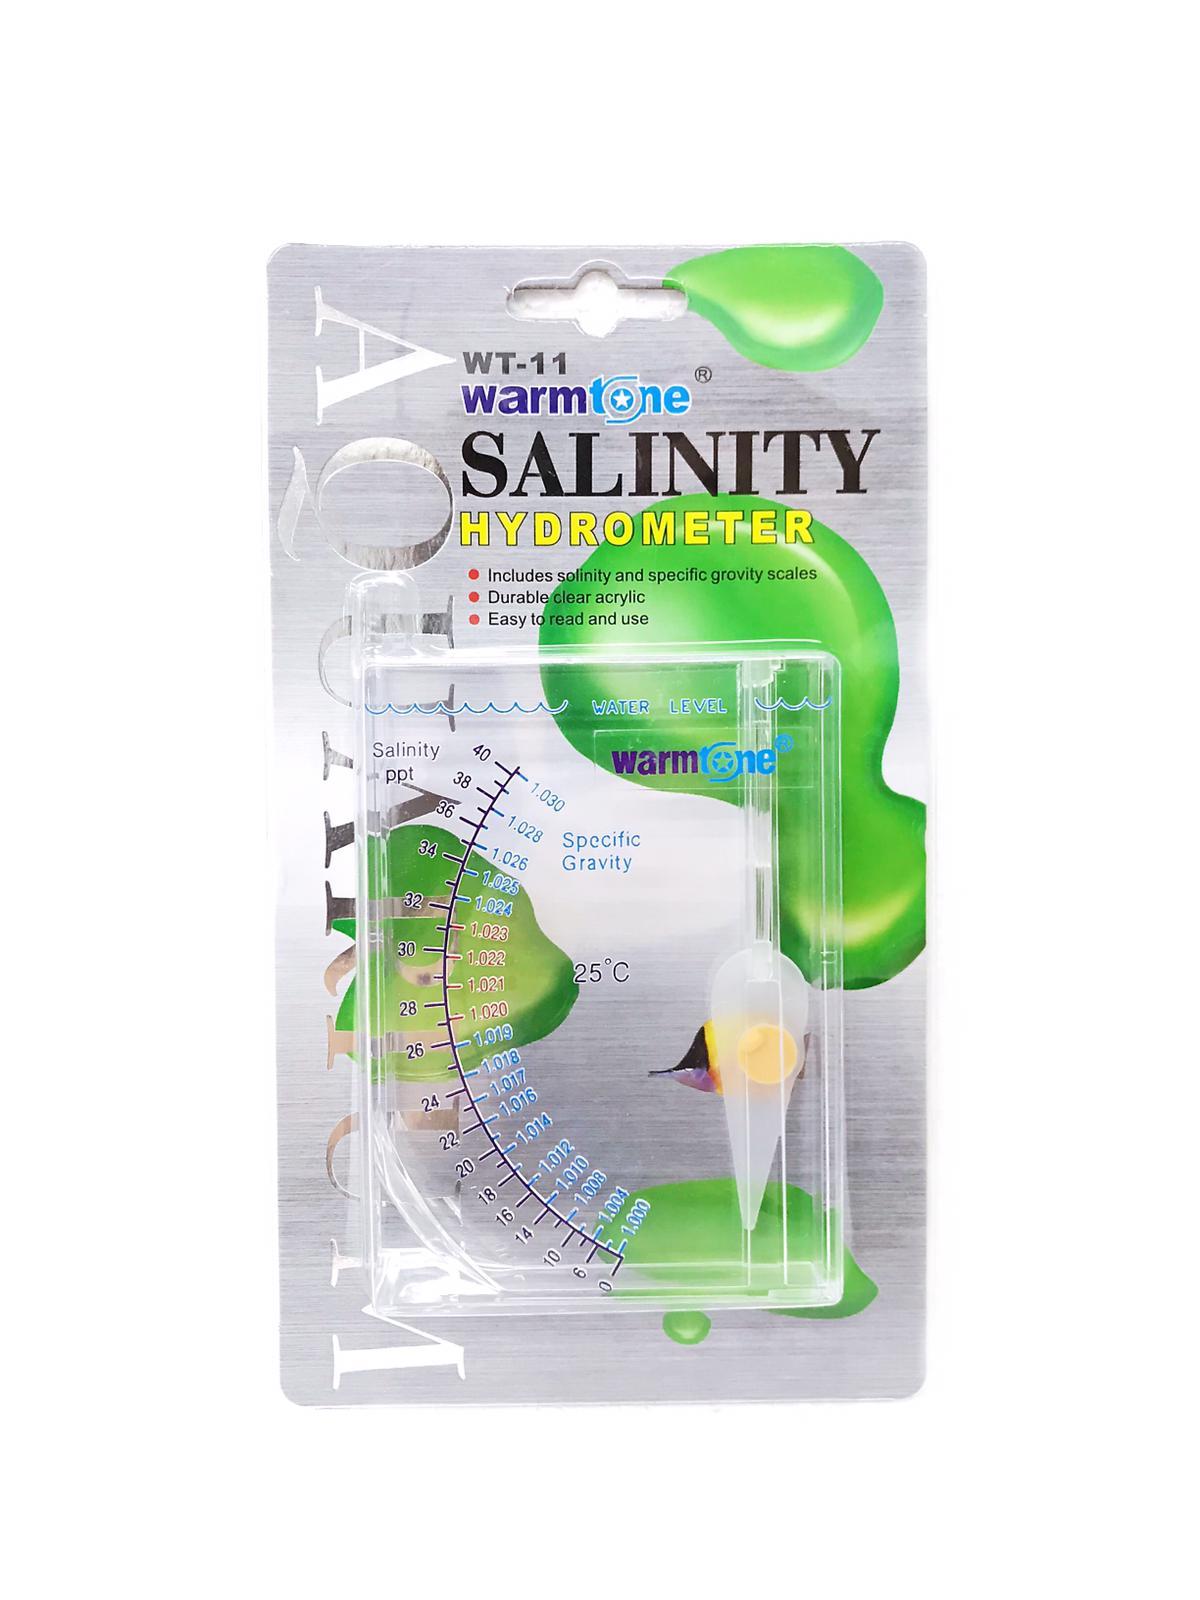 Warmtone Salinity Hydrometer